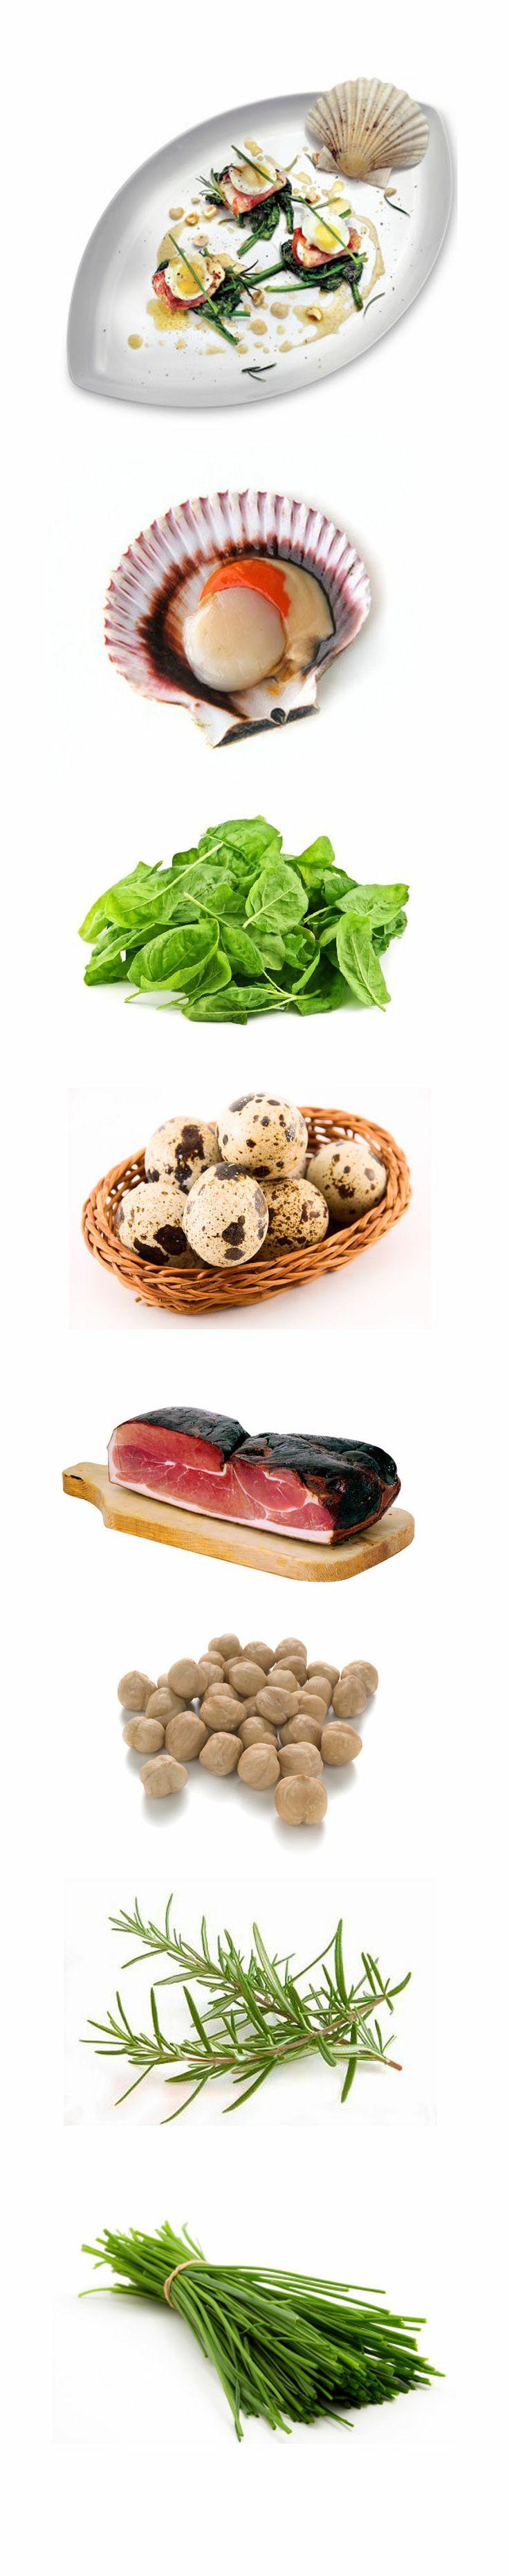 Capesante scottate, spinaci, speck, uova di quaglia e nocciole - http://www.fruttaebacche.it/capesante-scottate-e-nocciole/ #recipes #delicious #creativerecipes